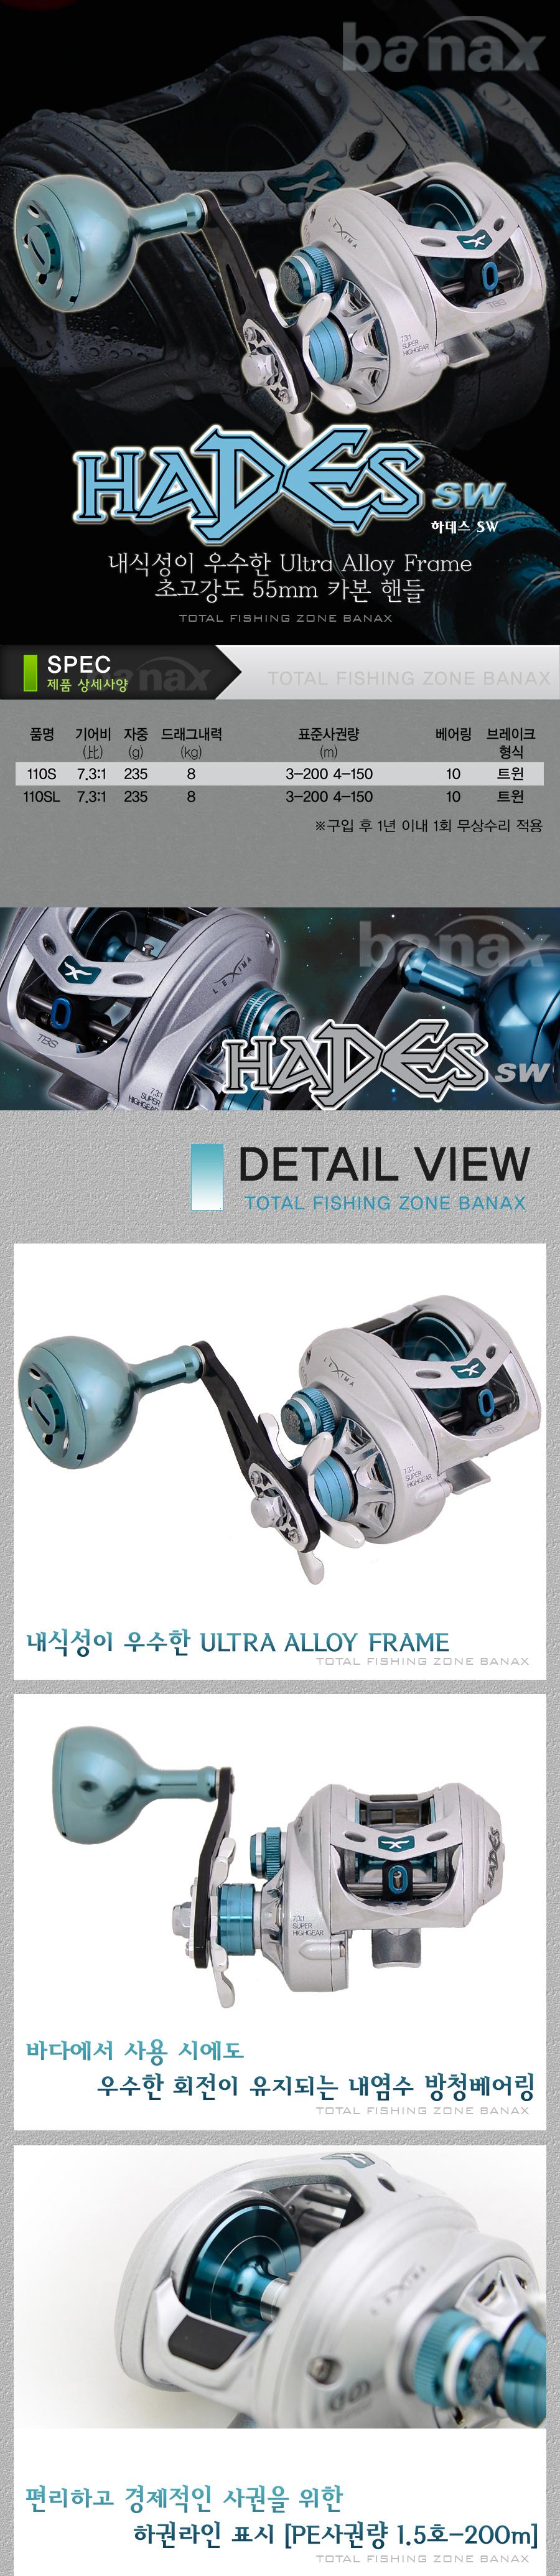 바낙스 하데스 SW (HADES SW) (라이트지깅용베이트릴)[드랙력 8kg] 참돔타이라바 문어선상 광어다운샷 쭈꾸미